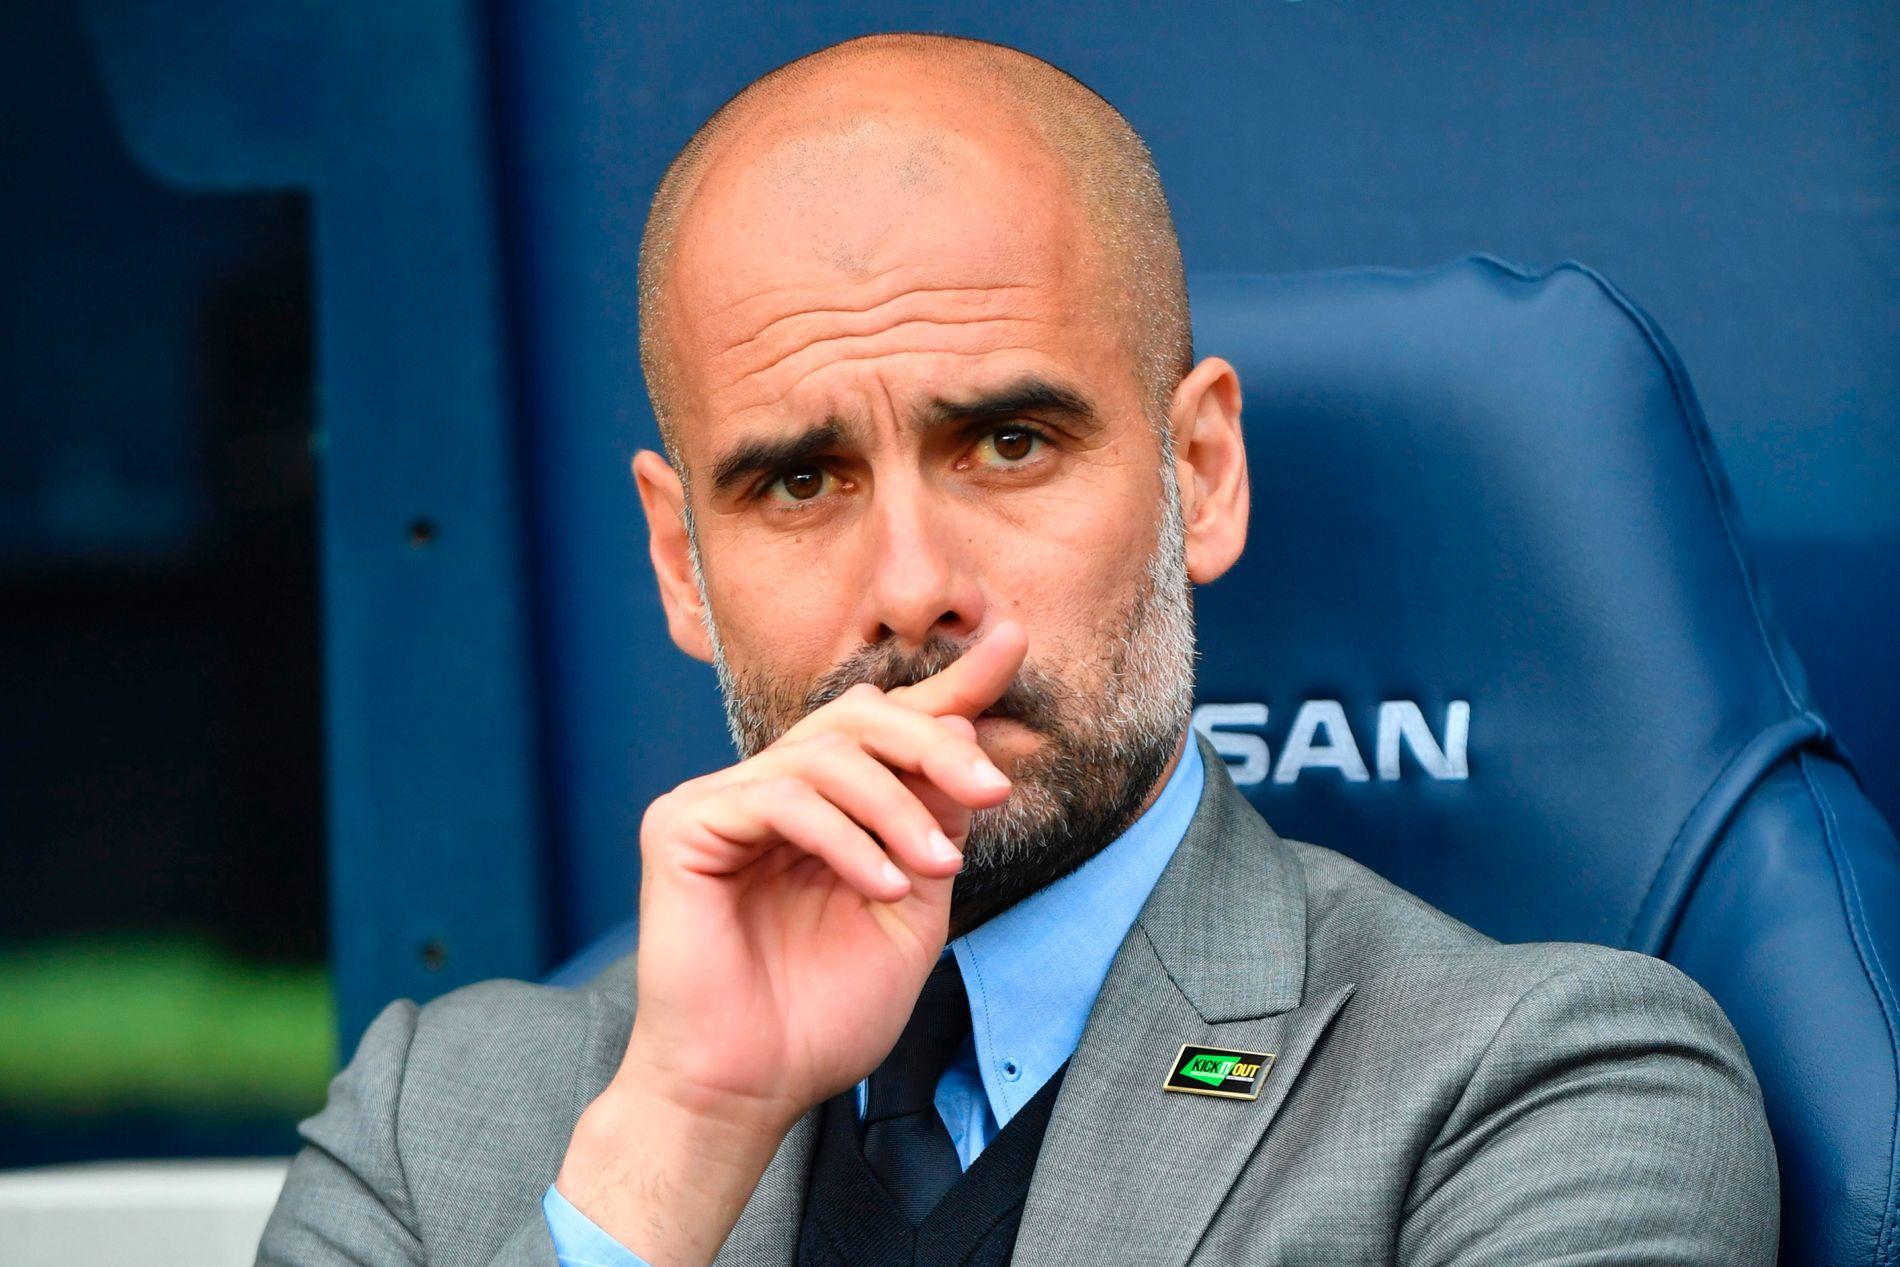 I SJOKK: Manchester City-trener Pep Guardiola skriver på Twitter at han er i sjokk etter terrorangrepet i Manchester mandag kveld.